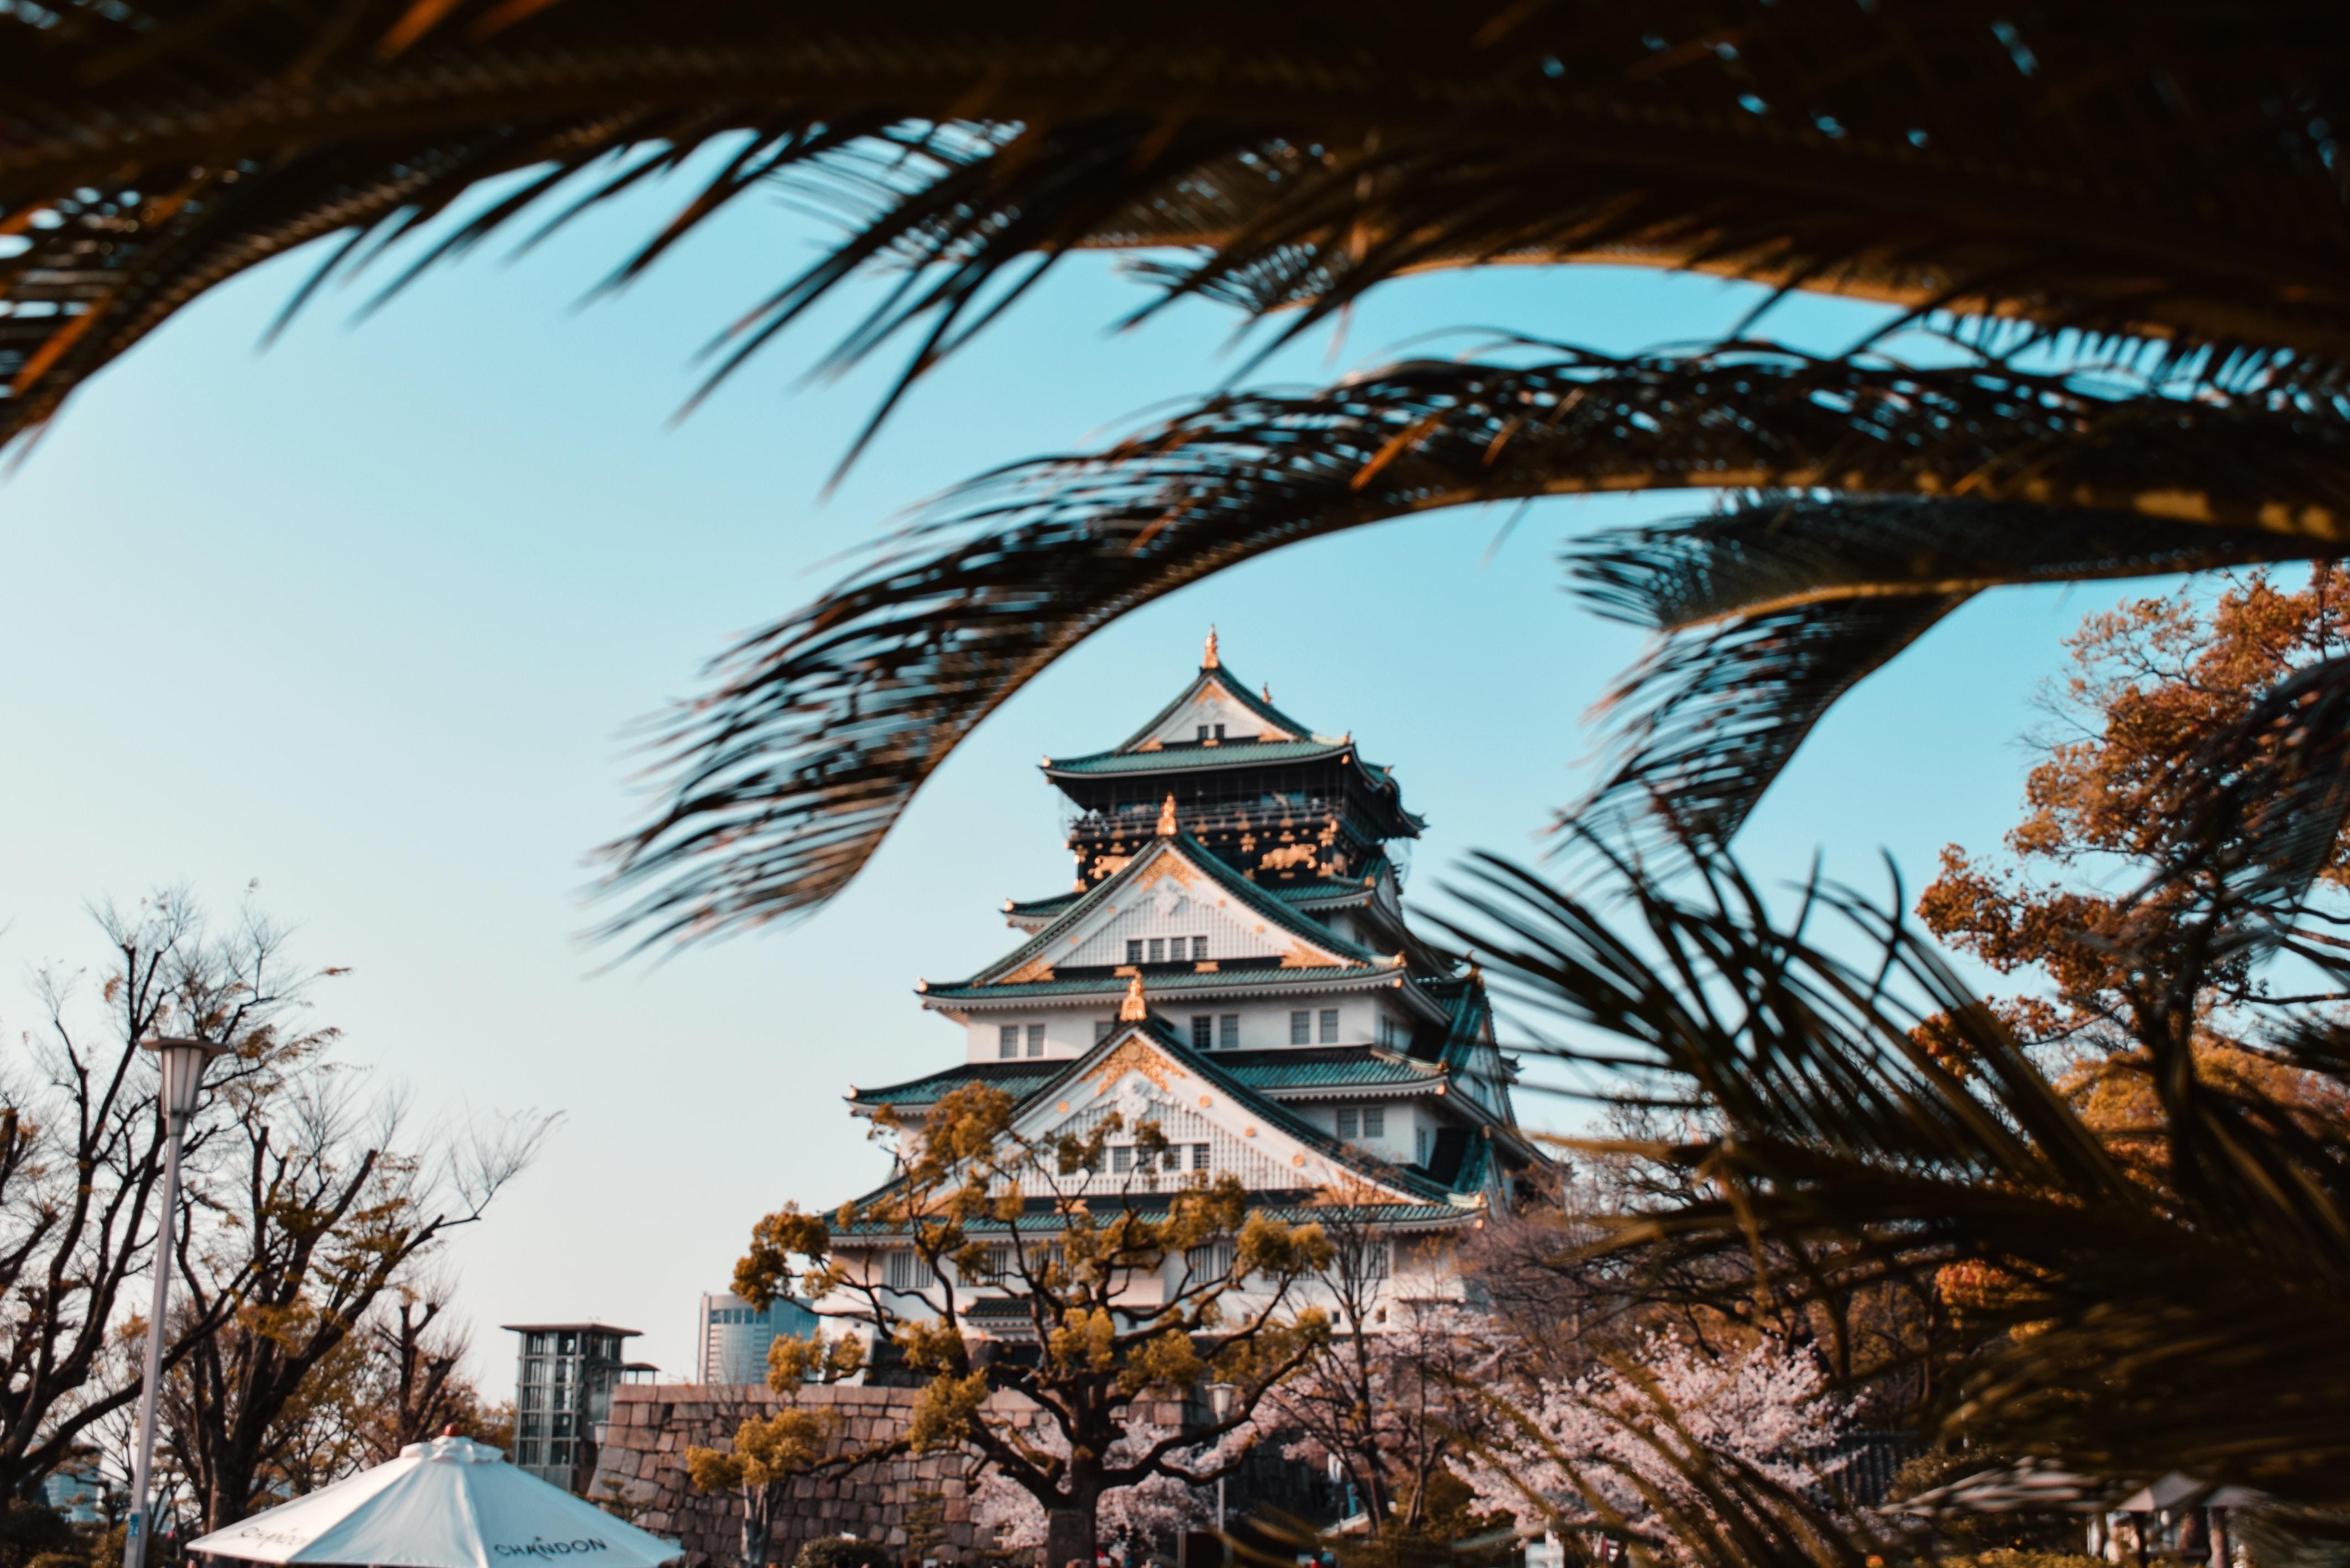 pagoda near trees